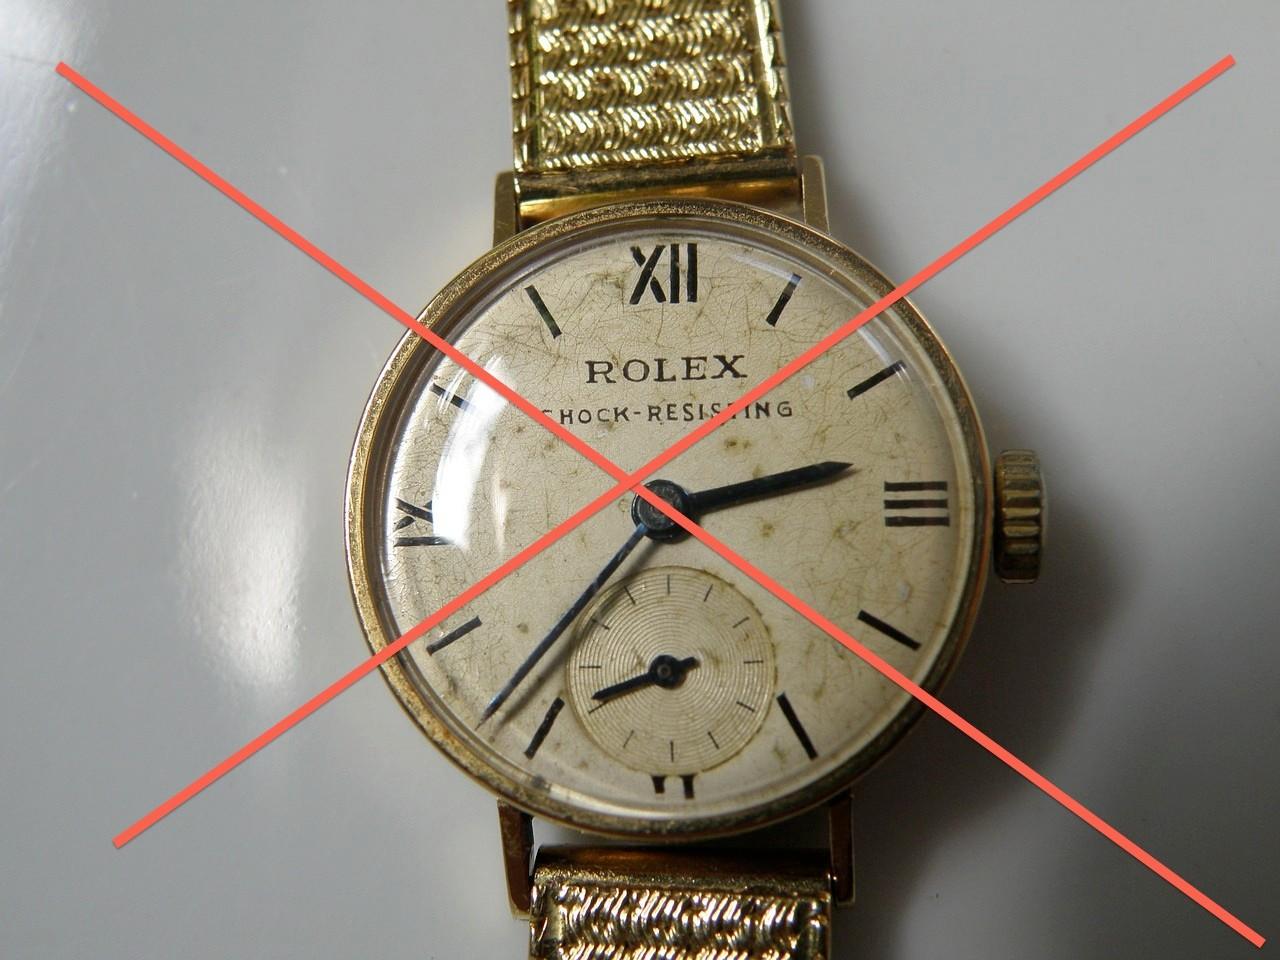 Die Rolex wurde schon abgeholt ....